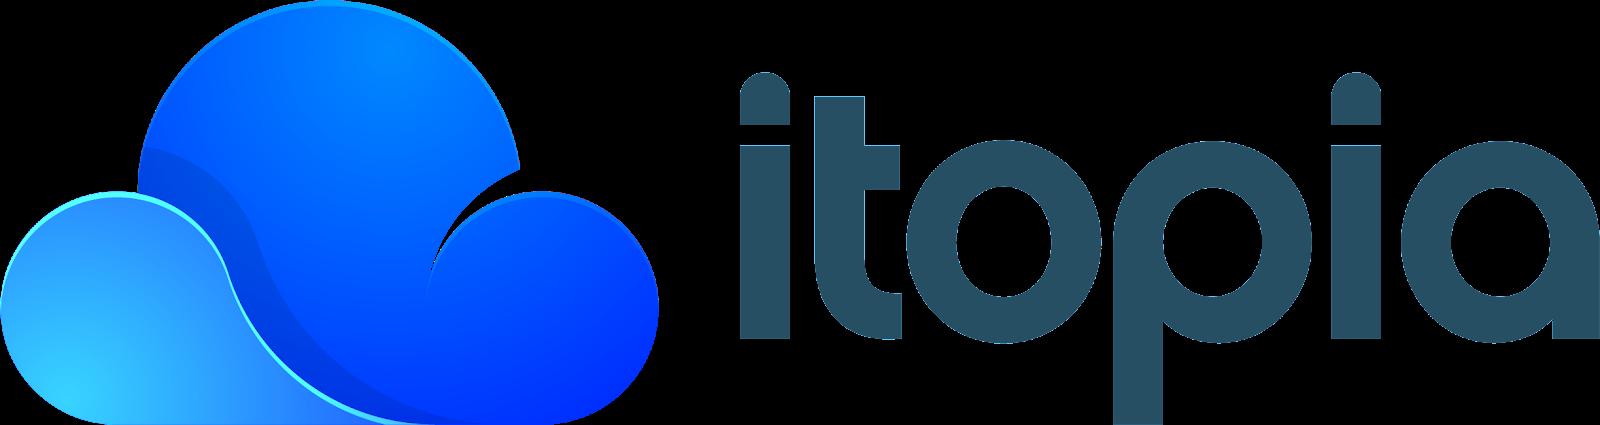 The itopia logo